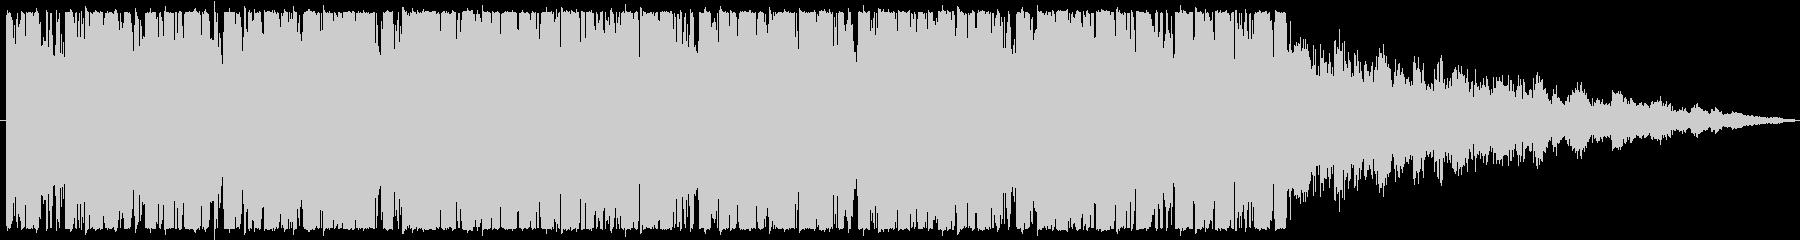 実験的な テクノロジー 暗い ホラ...の未再生の波形